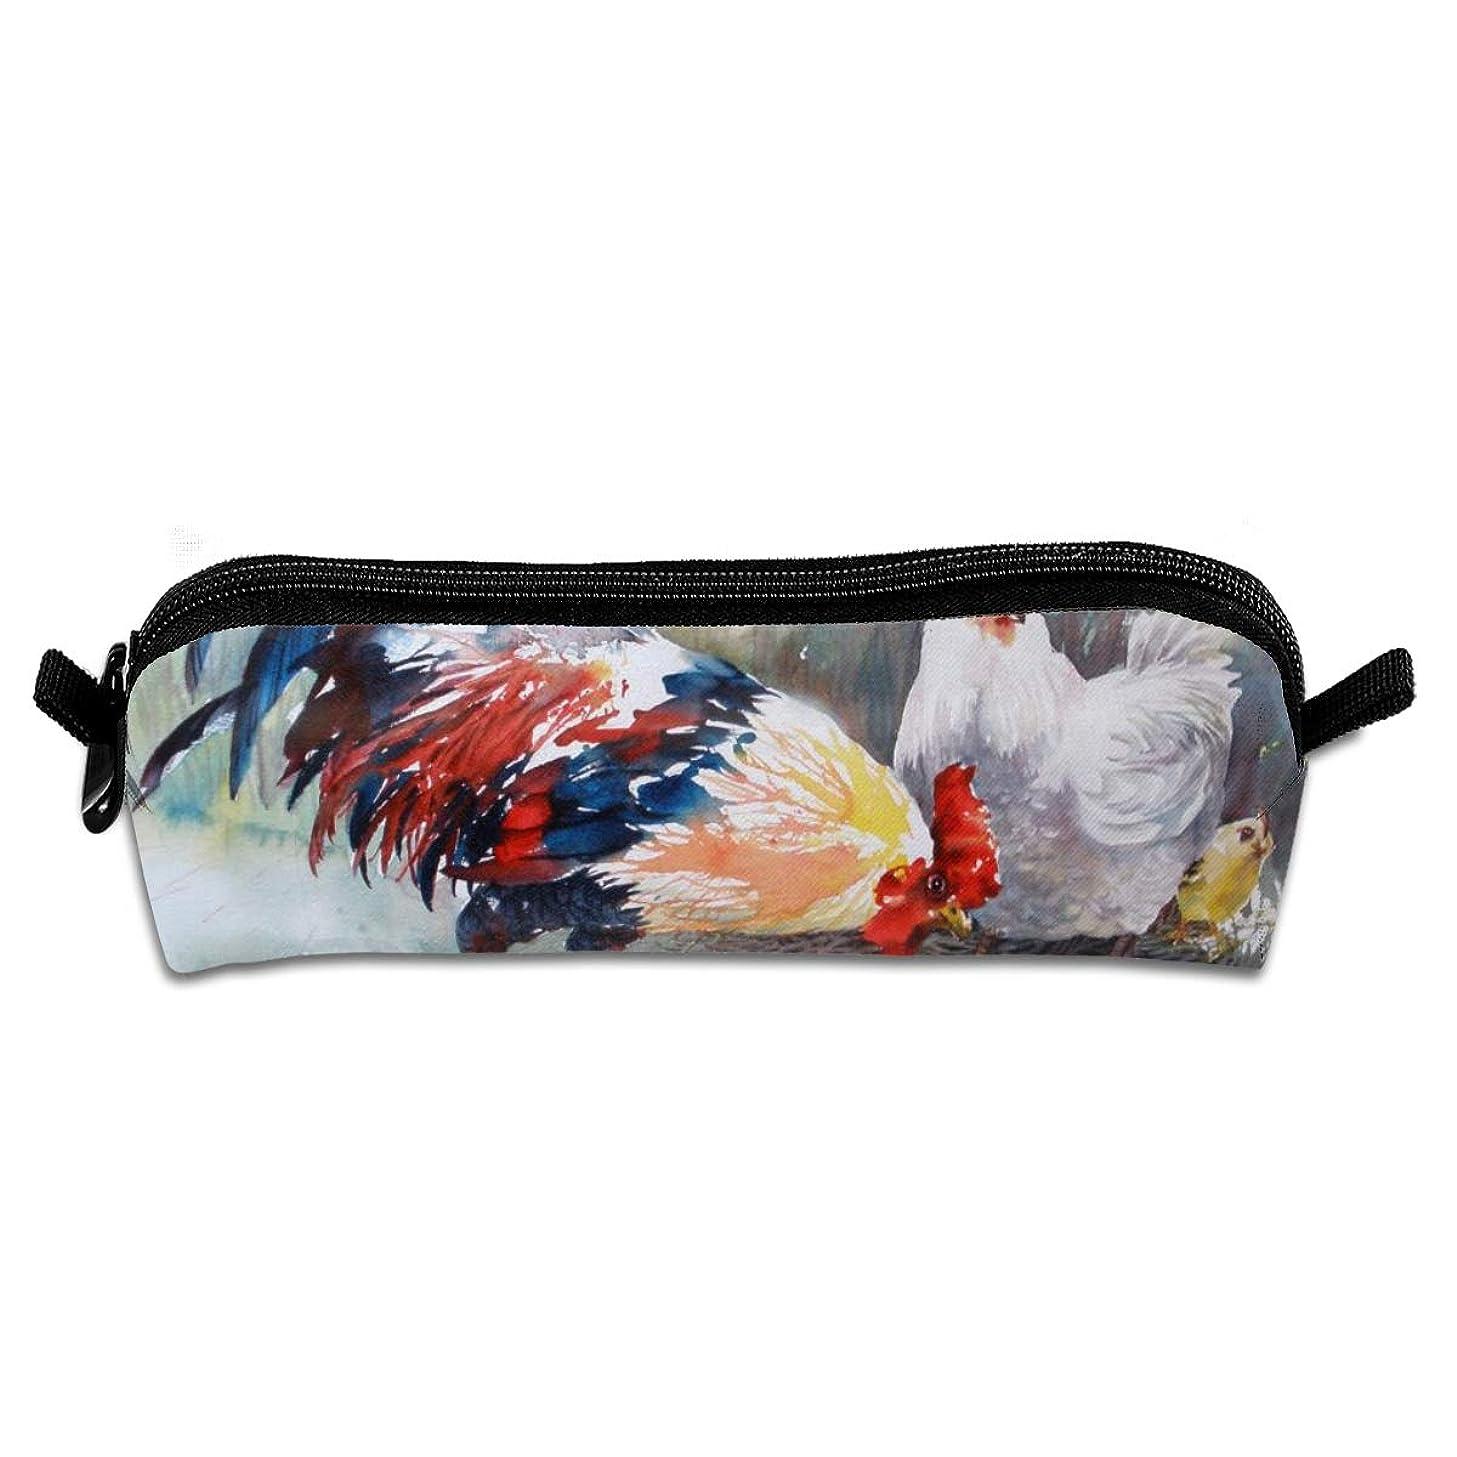 歴史的さびた時系列Cock Hen And Chicks Watercolor Art Chicken Family 文房具袋筆箱化粧品袋筆箱色鉛筆文具小学生高校生小容量便利なシンプルな男の子と女の子